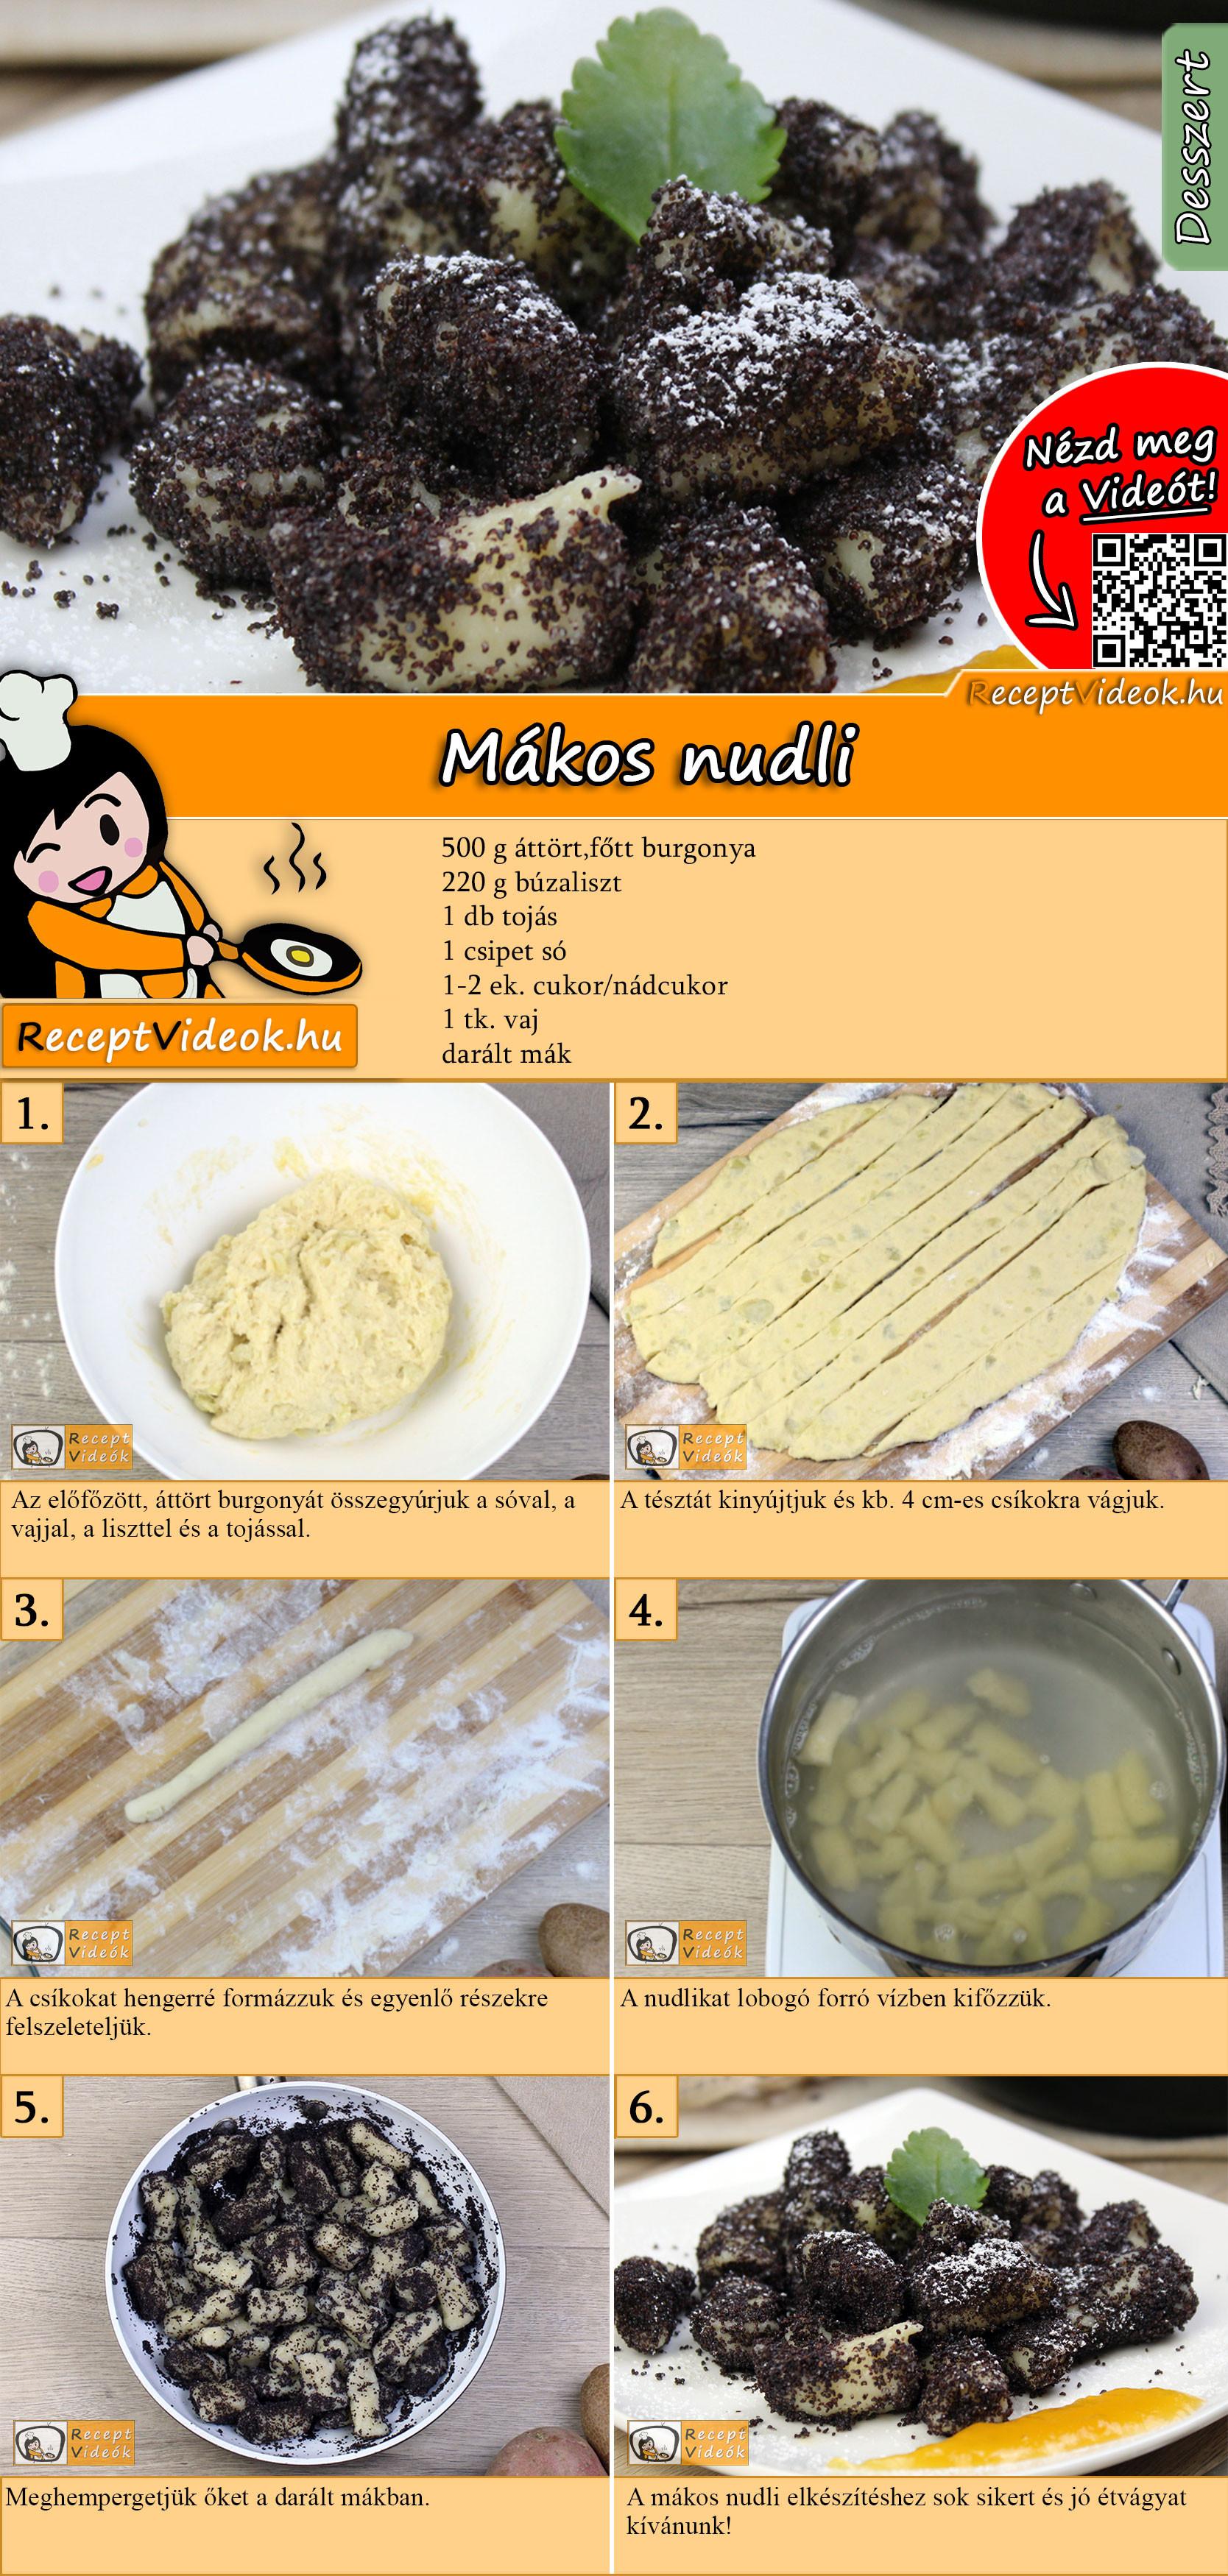 Mákos nudli recept elkészítése videóval